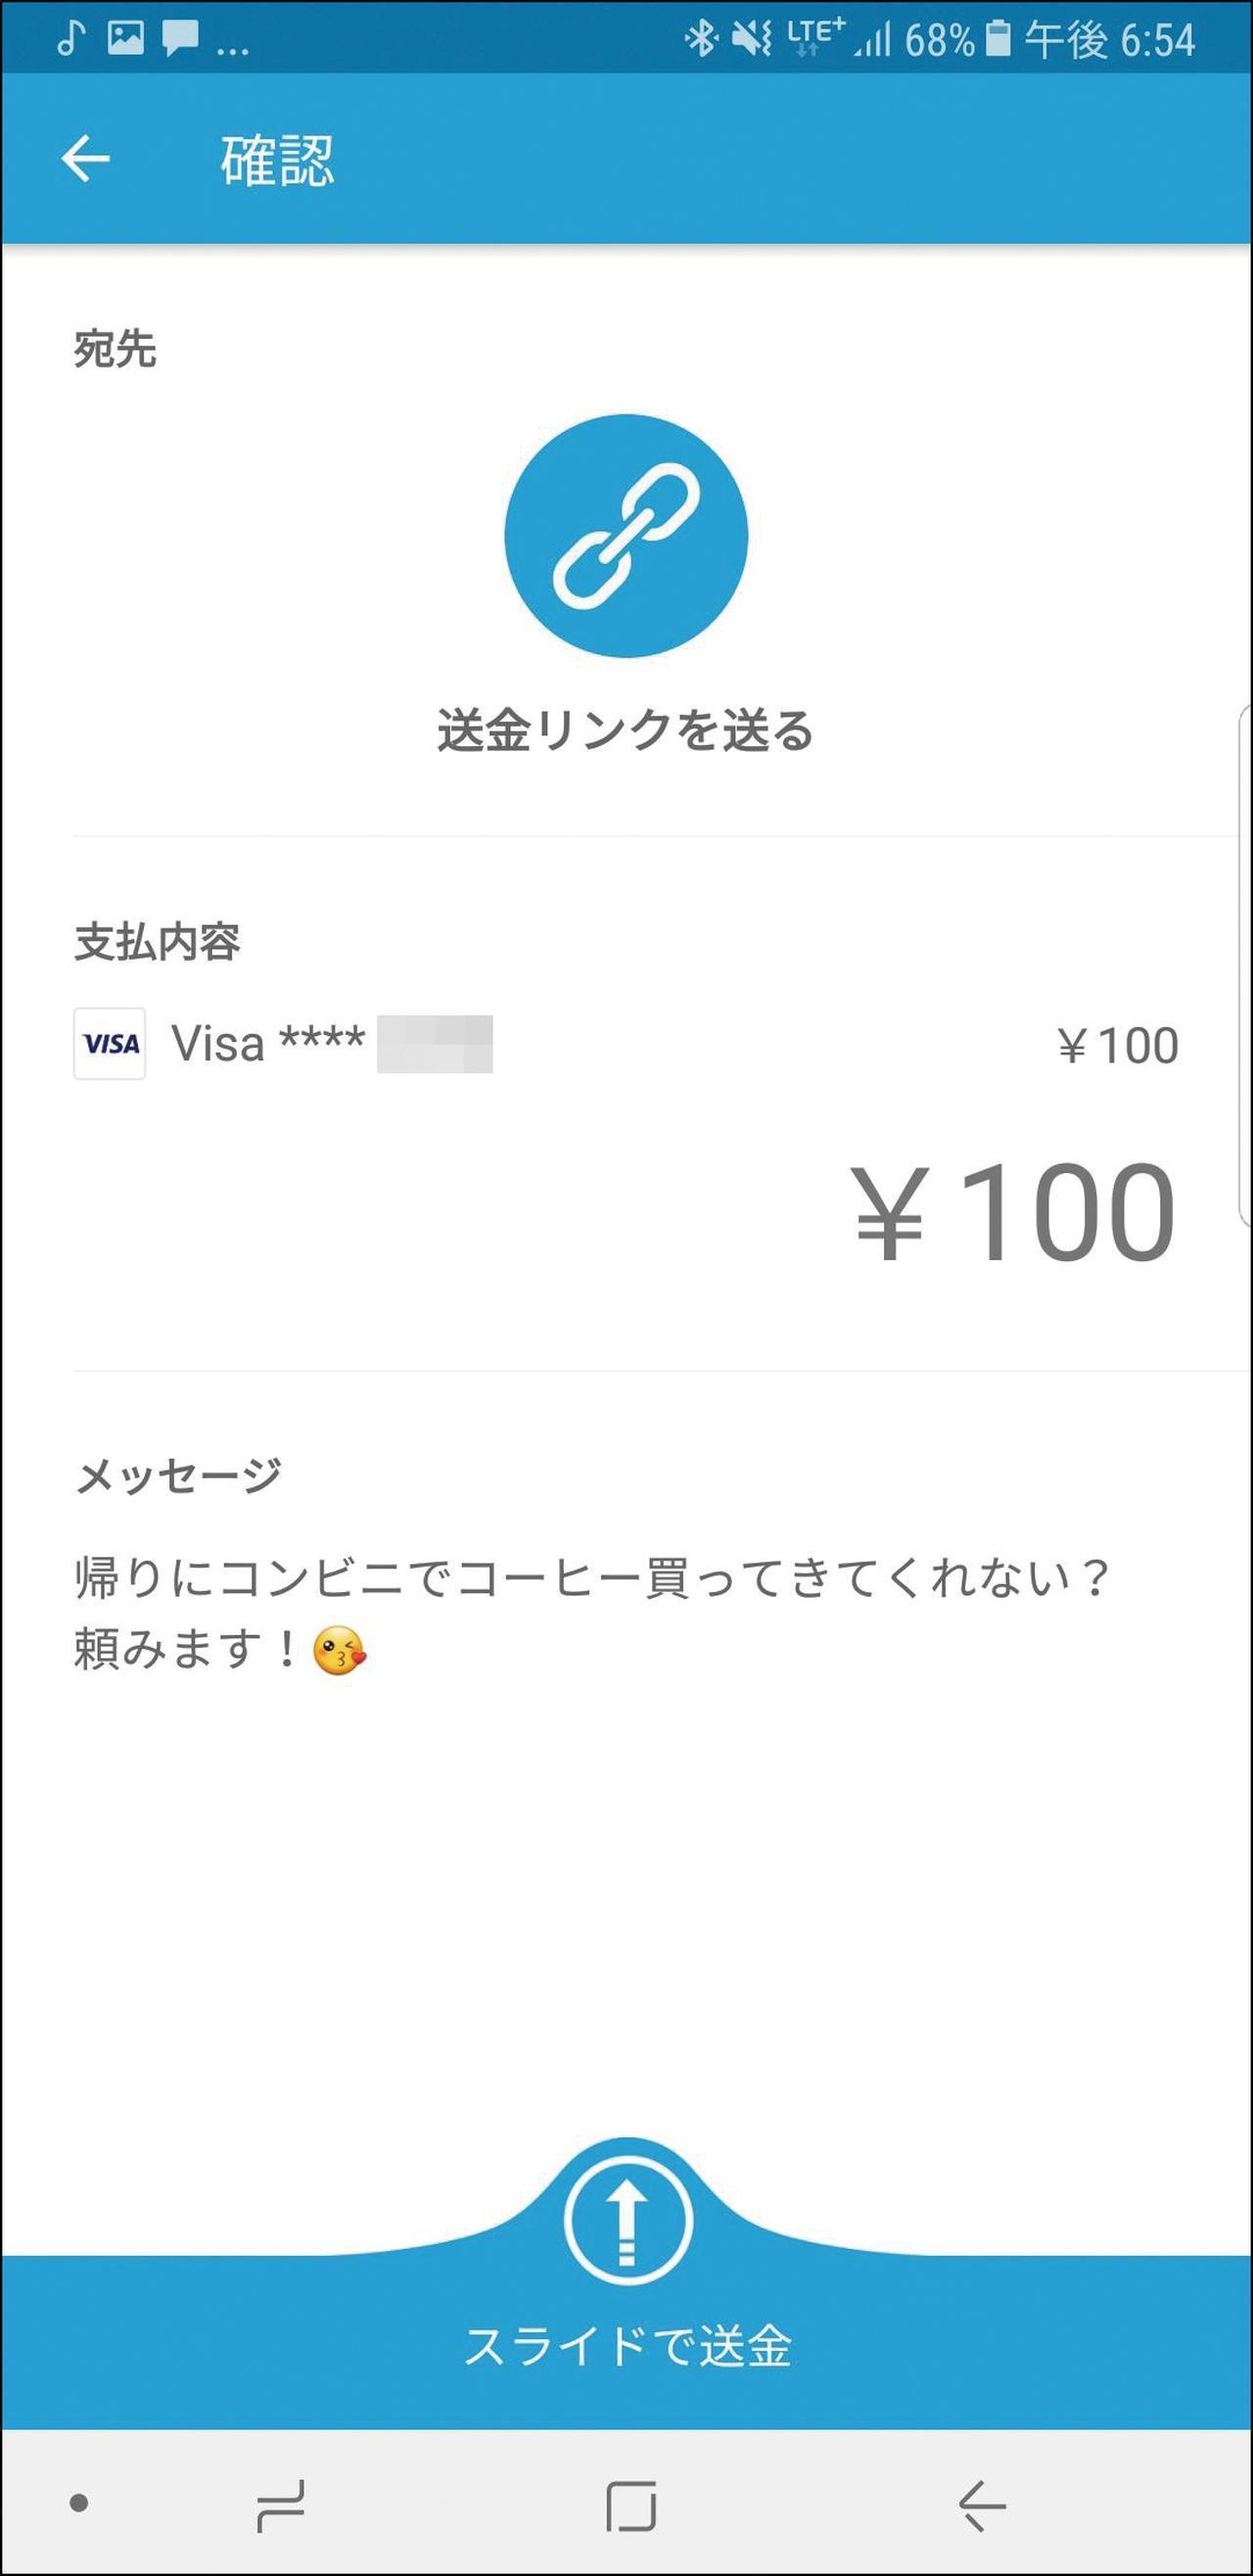 画像: 送金時にはメッセージも追加可能。お礼や要件も伝えられるので、スムーズに金銭のやり取りができる。画面はiPhone。